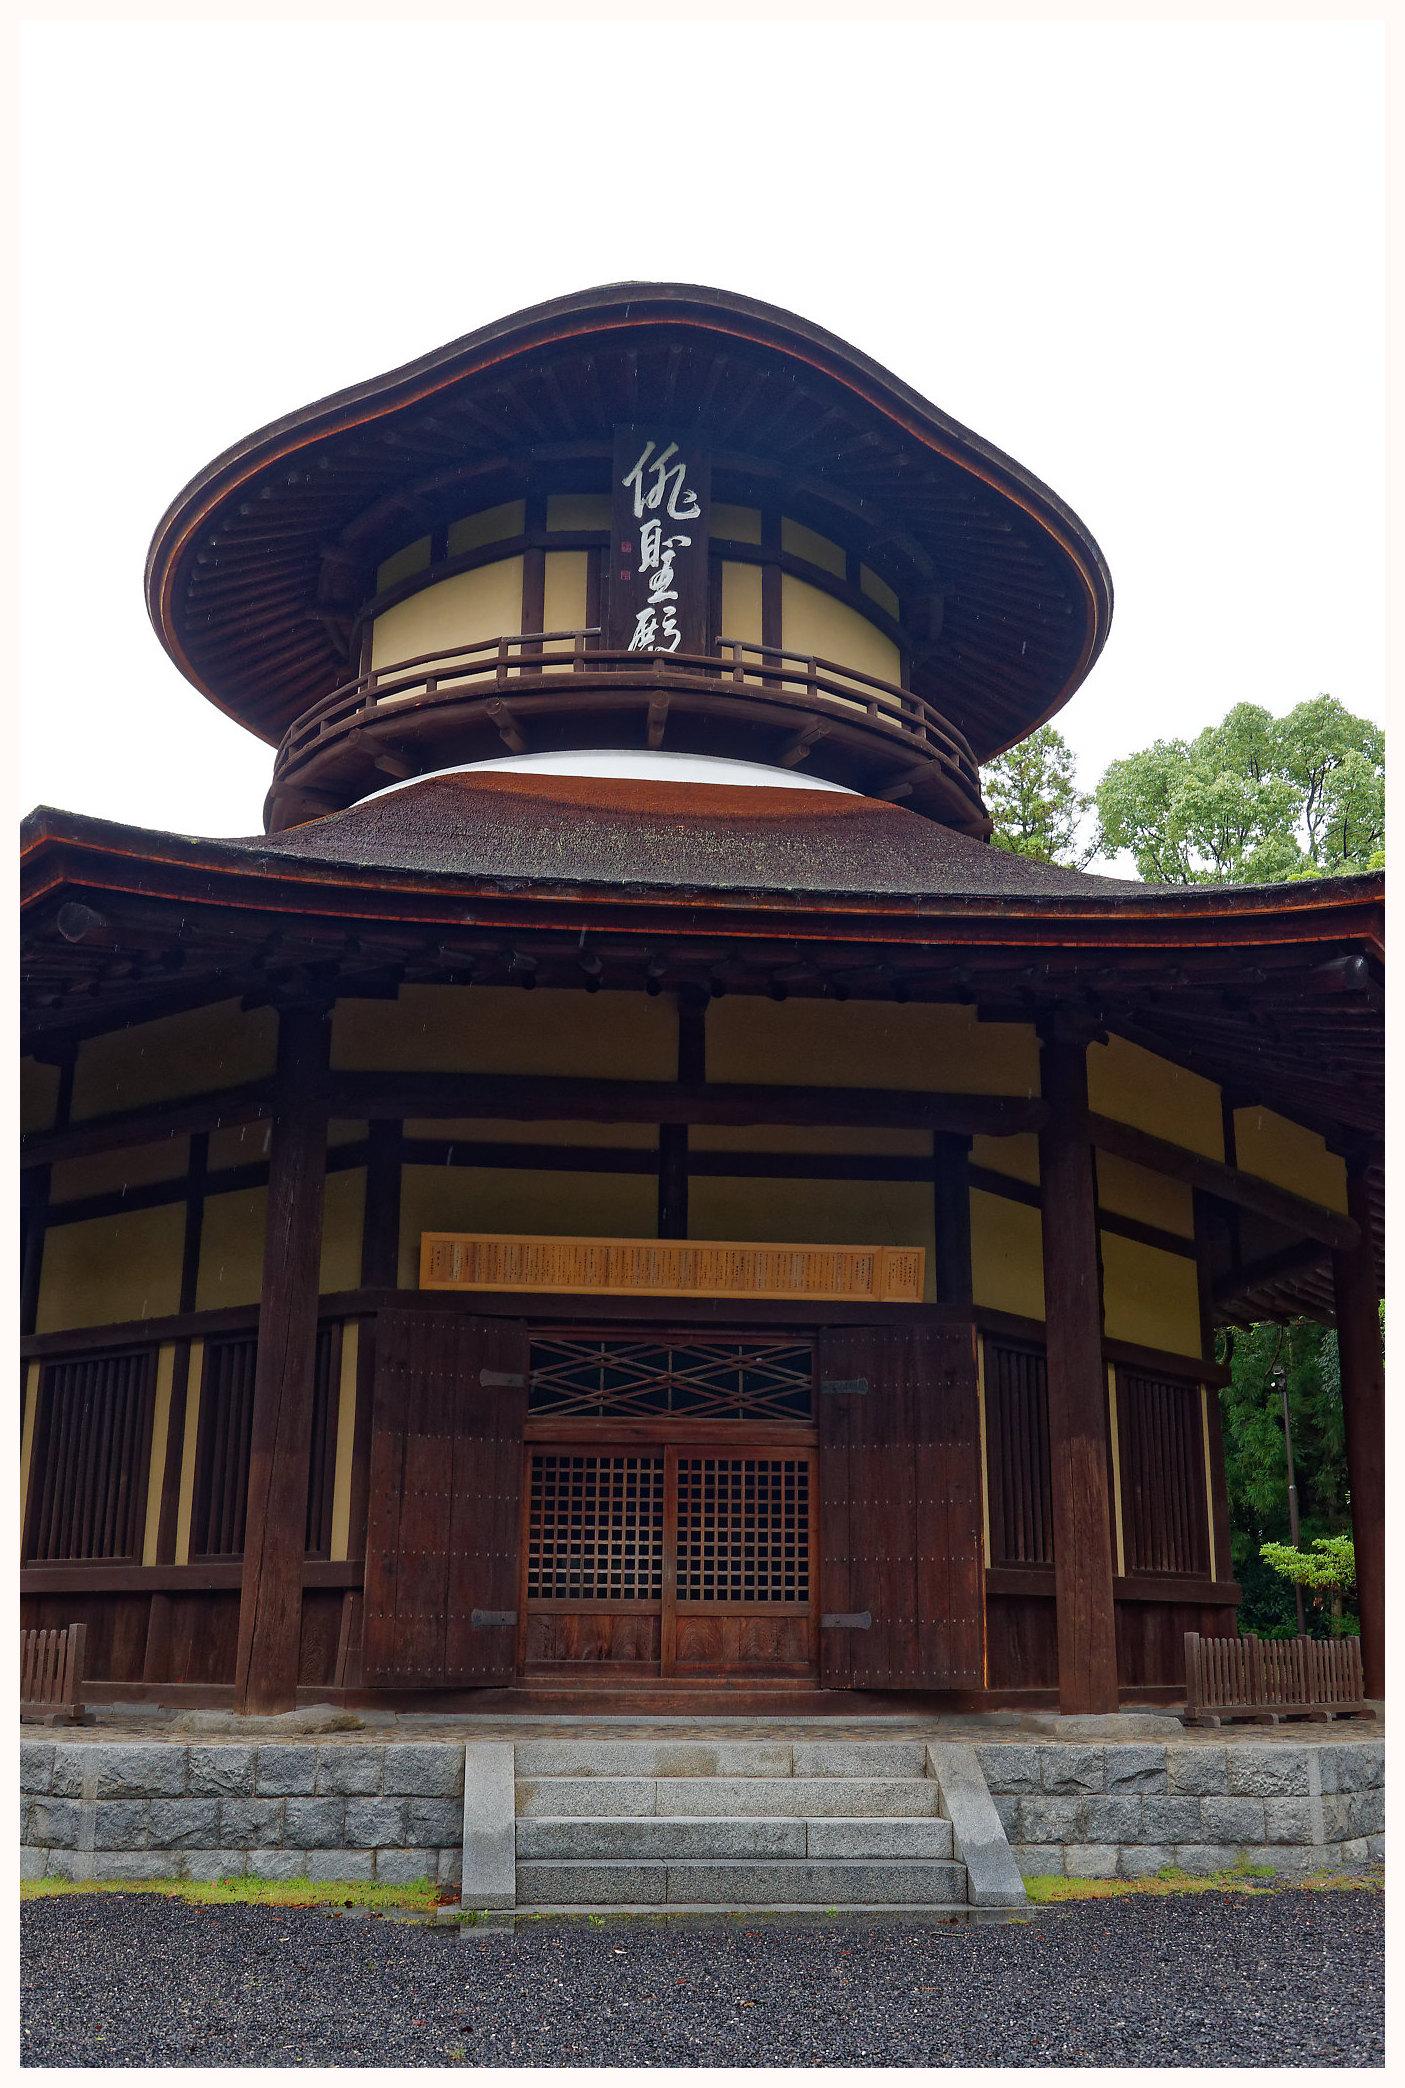 Haiseden à Iga au Japon